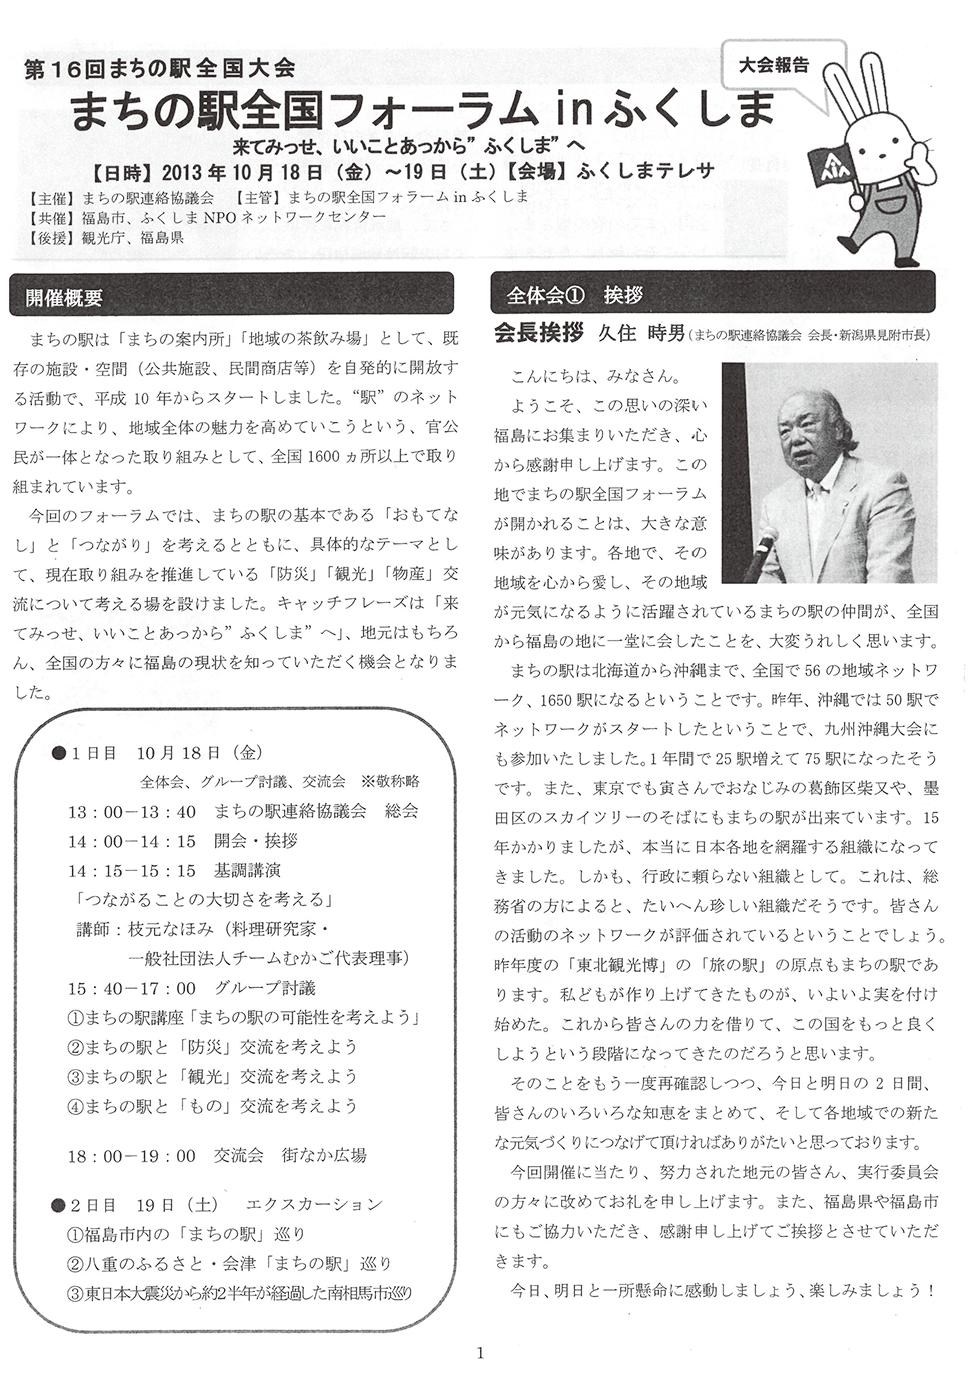 ▲まちの駅 全国フォーラム (平成25年開催)